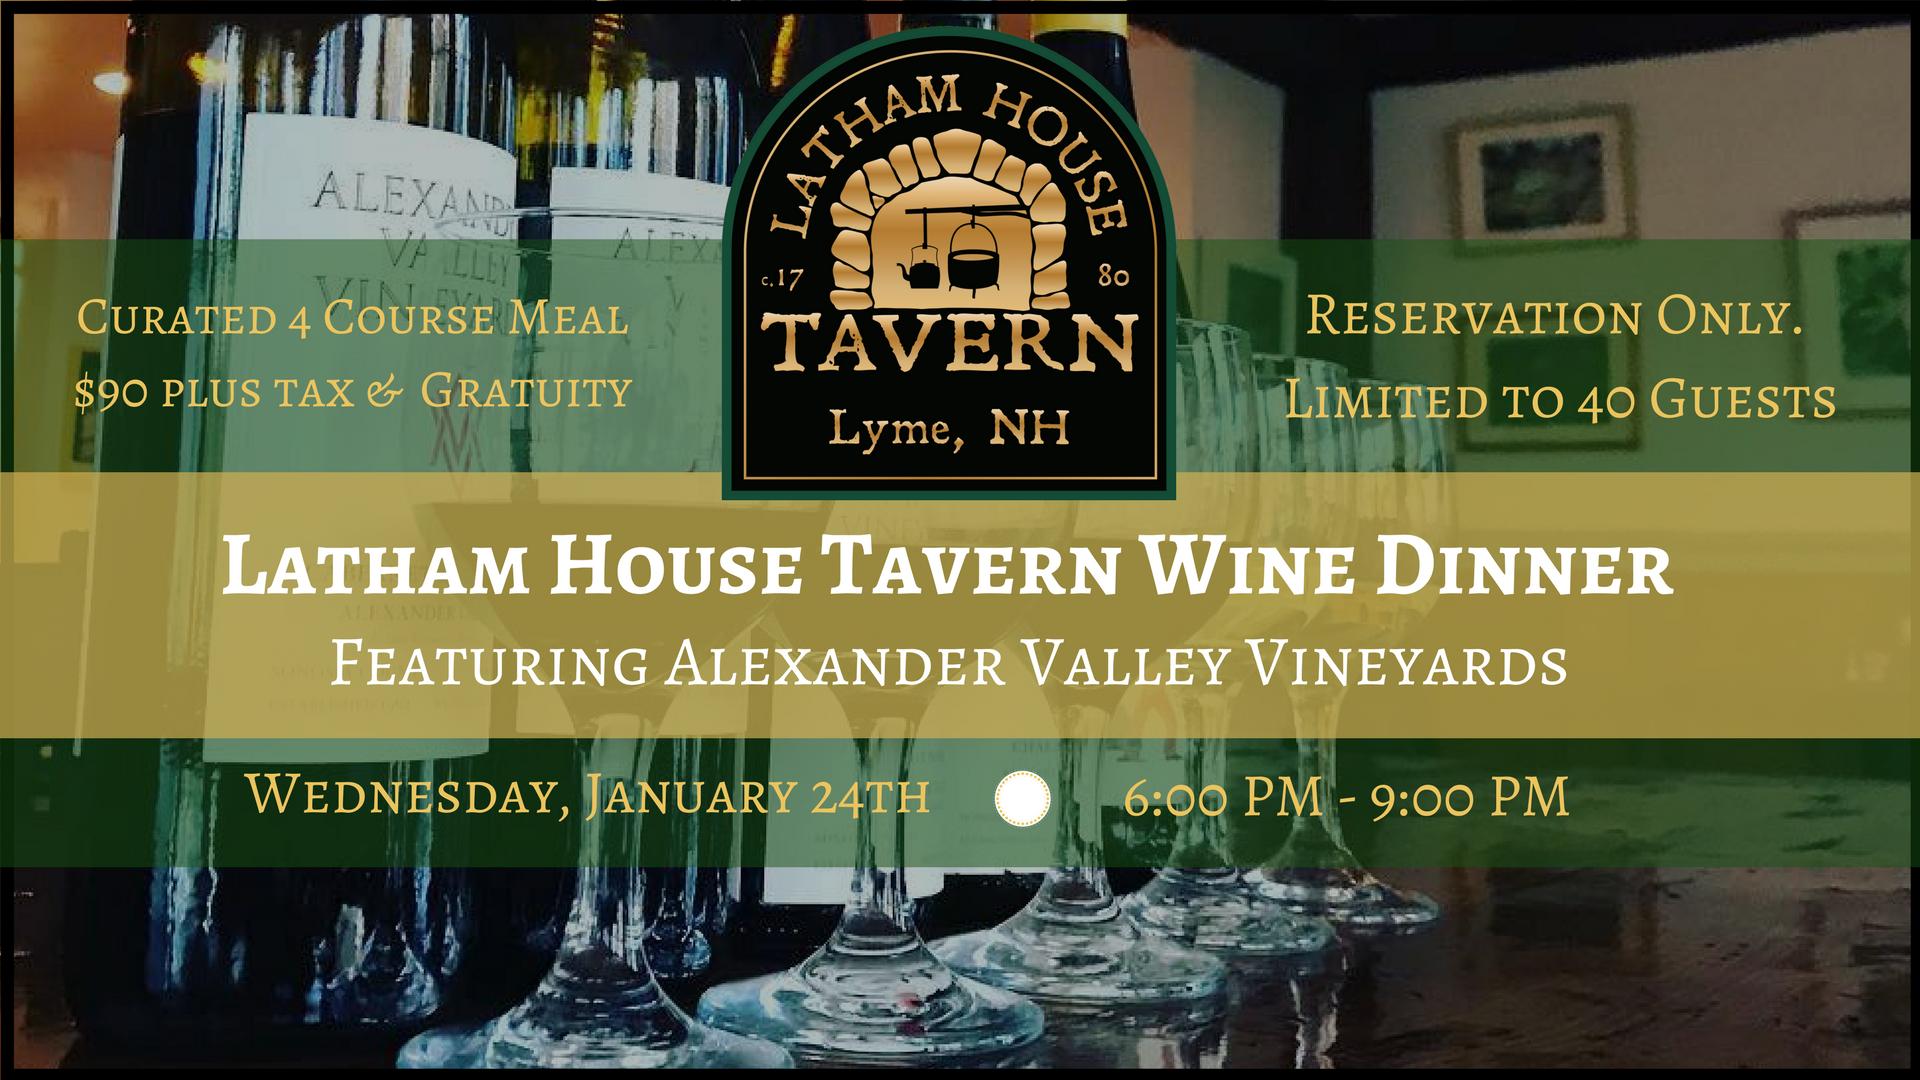 Latham House Tavern Wine Dinner featuring Alexander Valley Vineyards